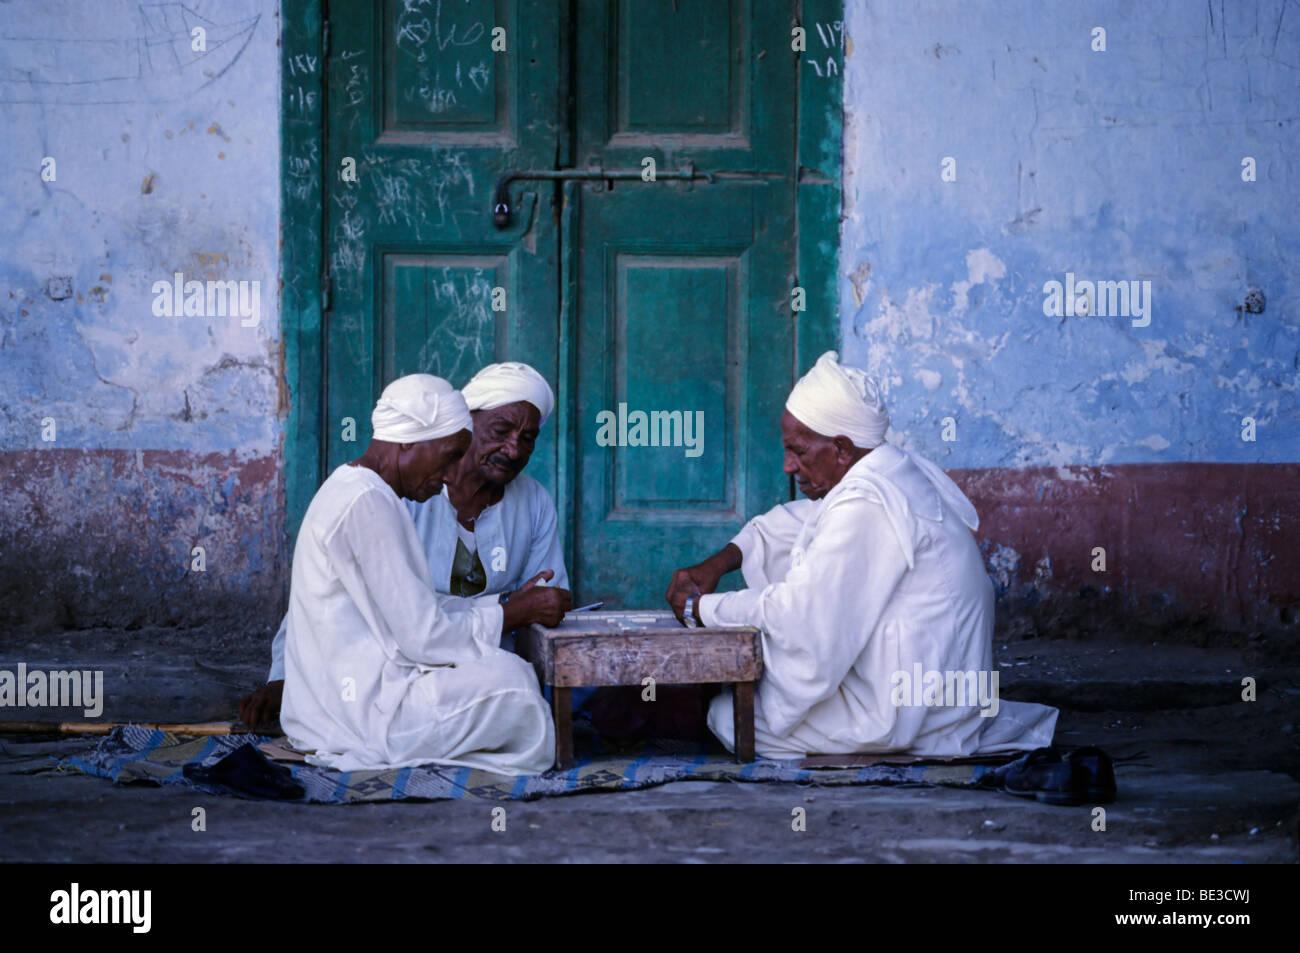 Ägypter spielen Domino, Spiel, Männer, Spiel, Spieler, Djellabea, weiße, traditionell, Turban, El Stockbild